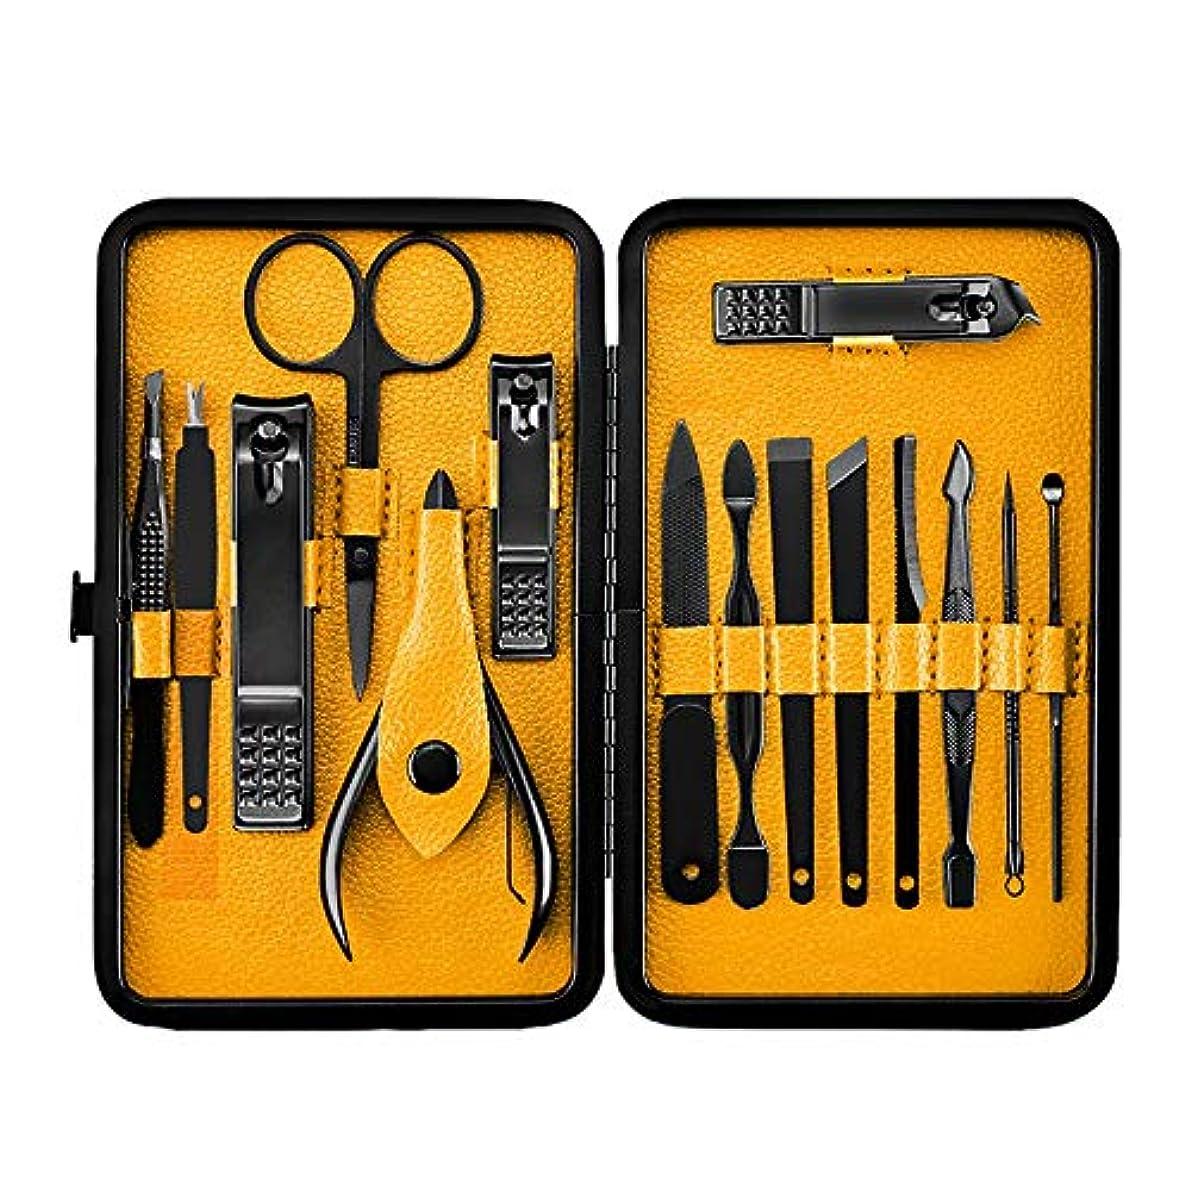 一緒に全くレクリエーションRETYLY 15ピース、プロフェッショナル、マニキュア、ステンレス鋼製ネイルのクリッパー、爪切り、はさみのセット、キット、マニキュアのセット、ネイルのツール、ネイルアートのツール